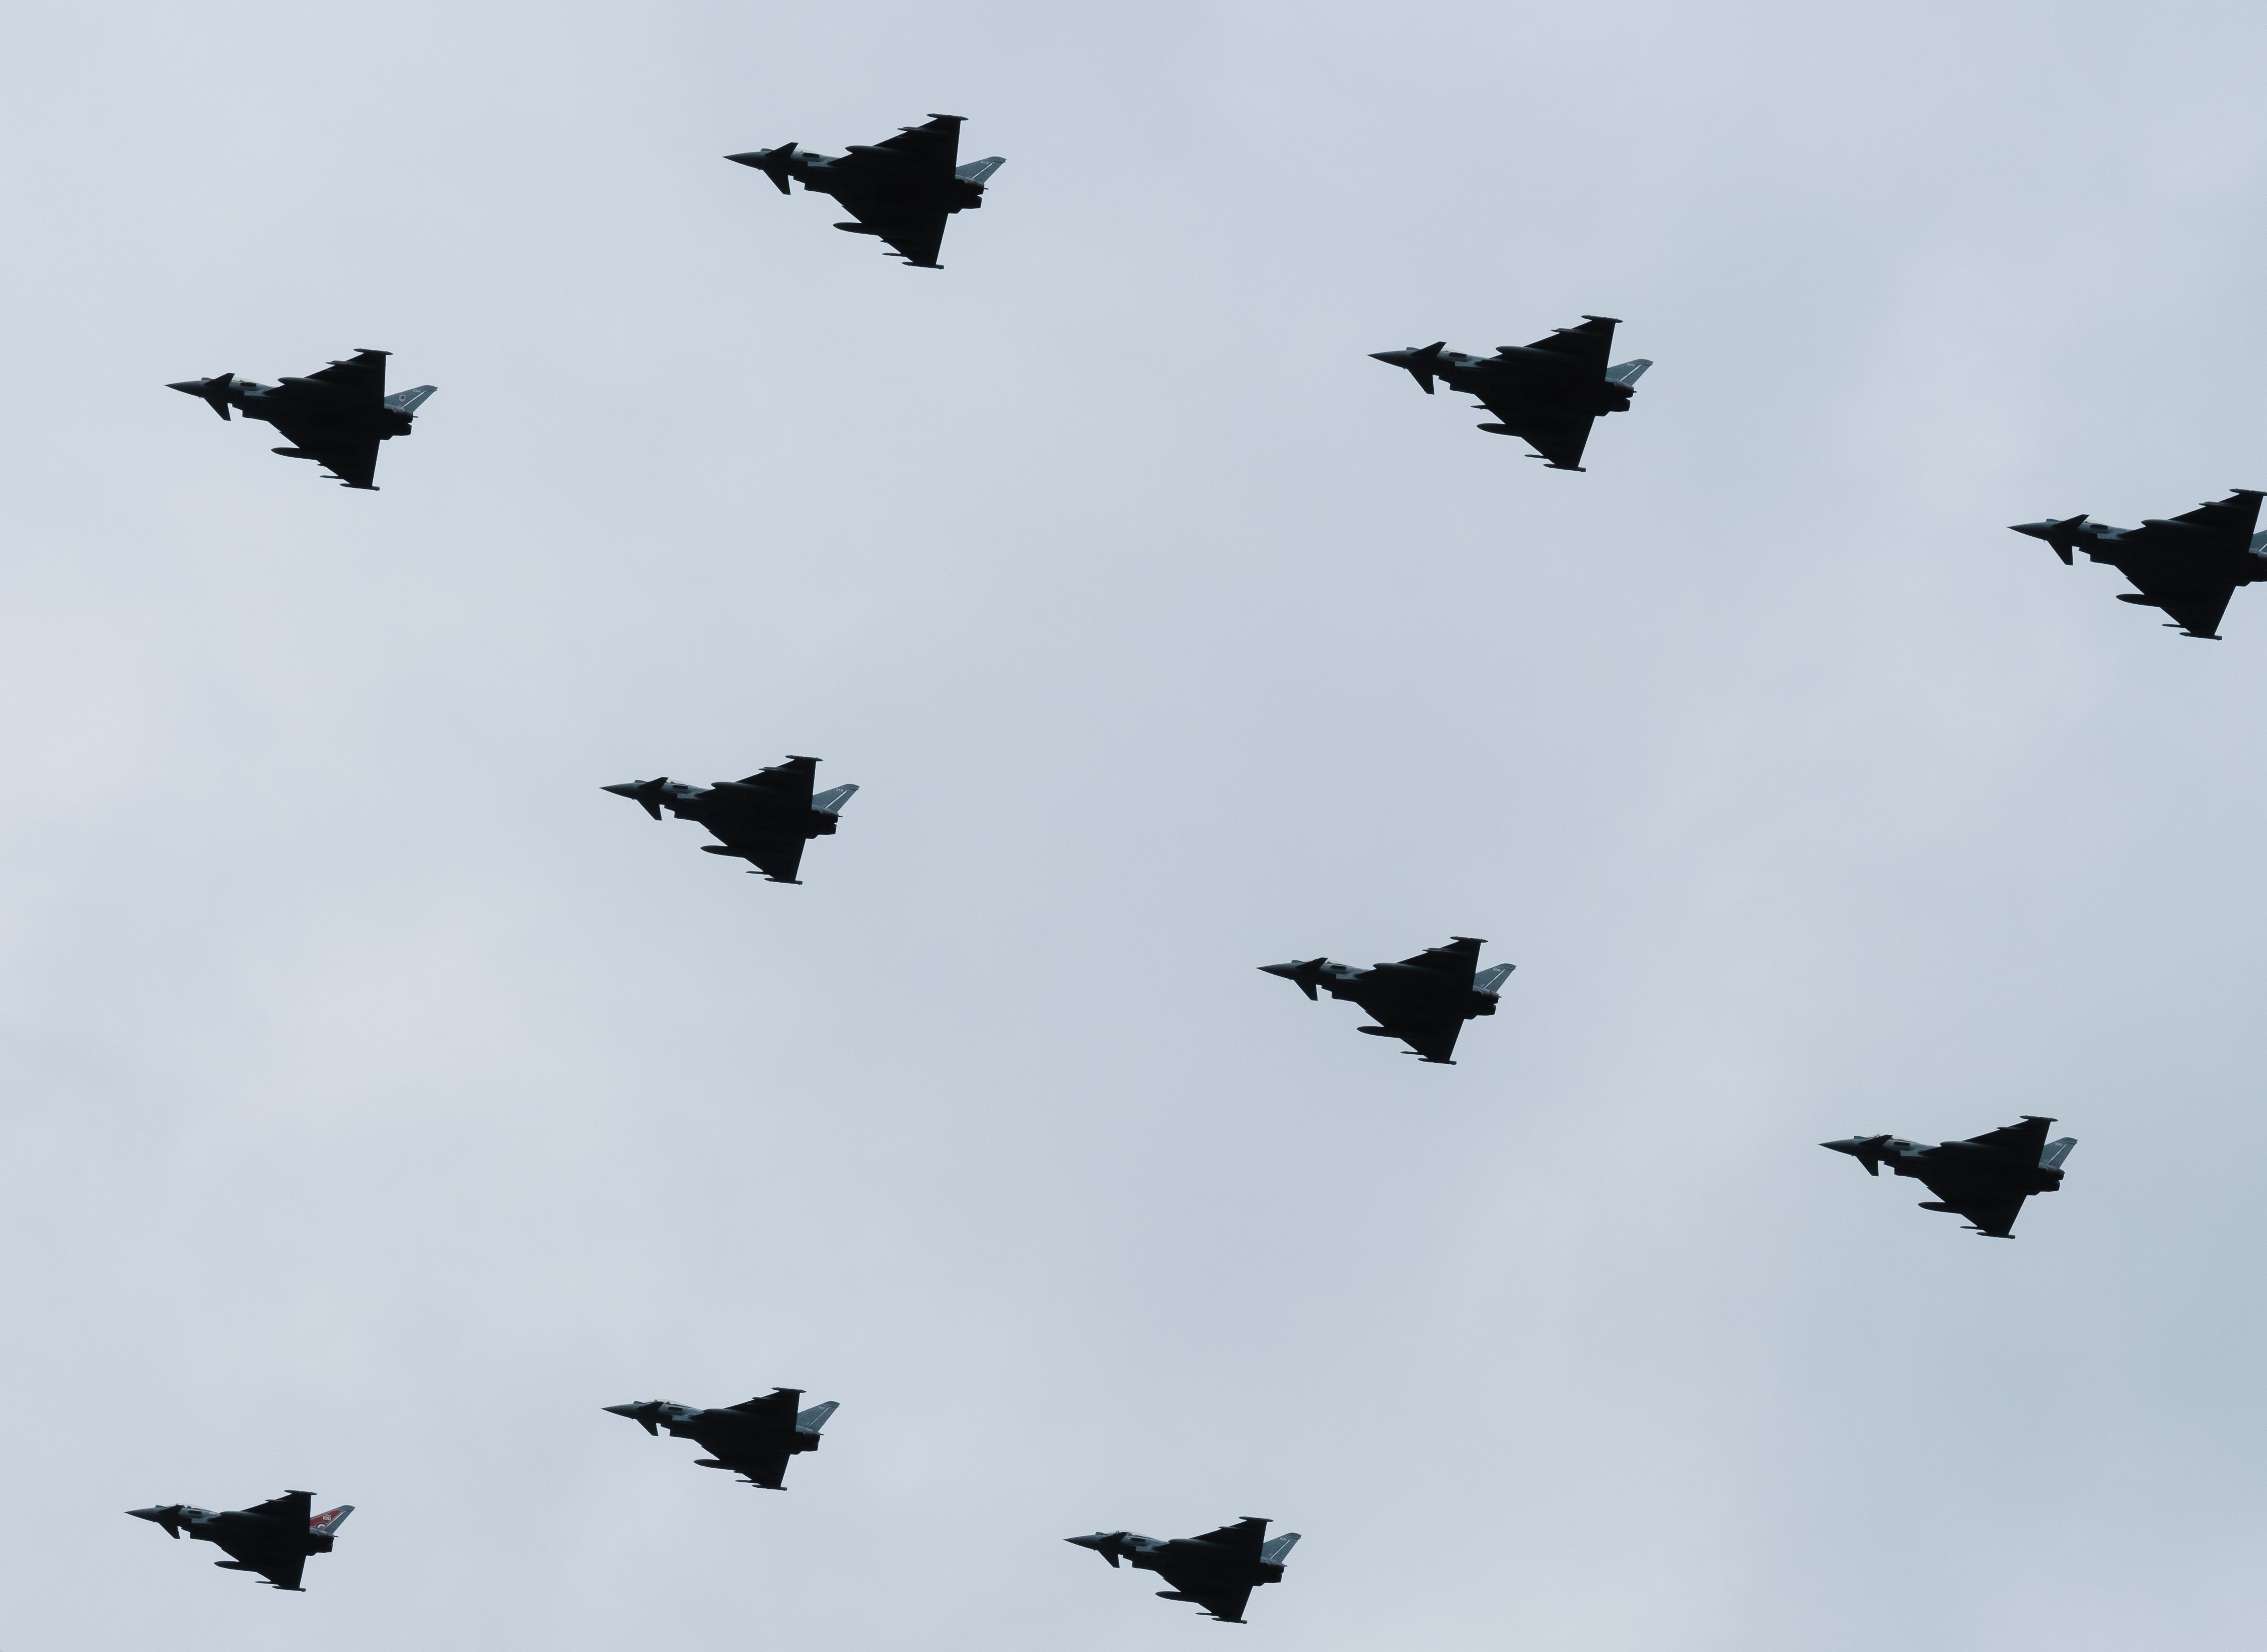 fighter planes on flight